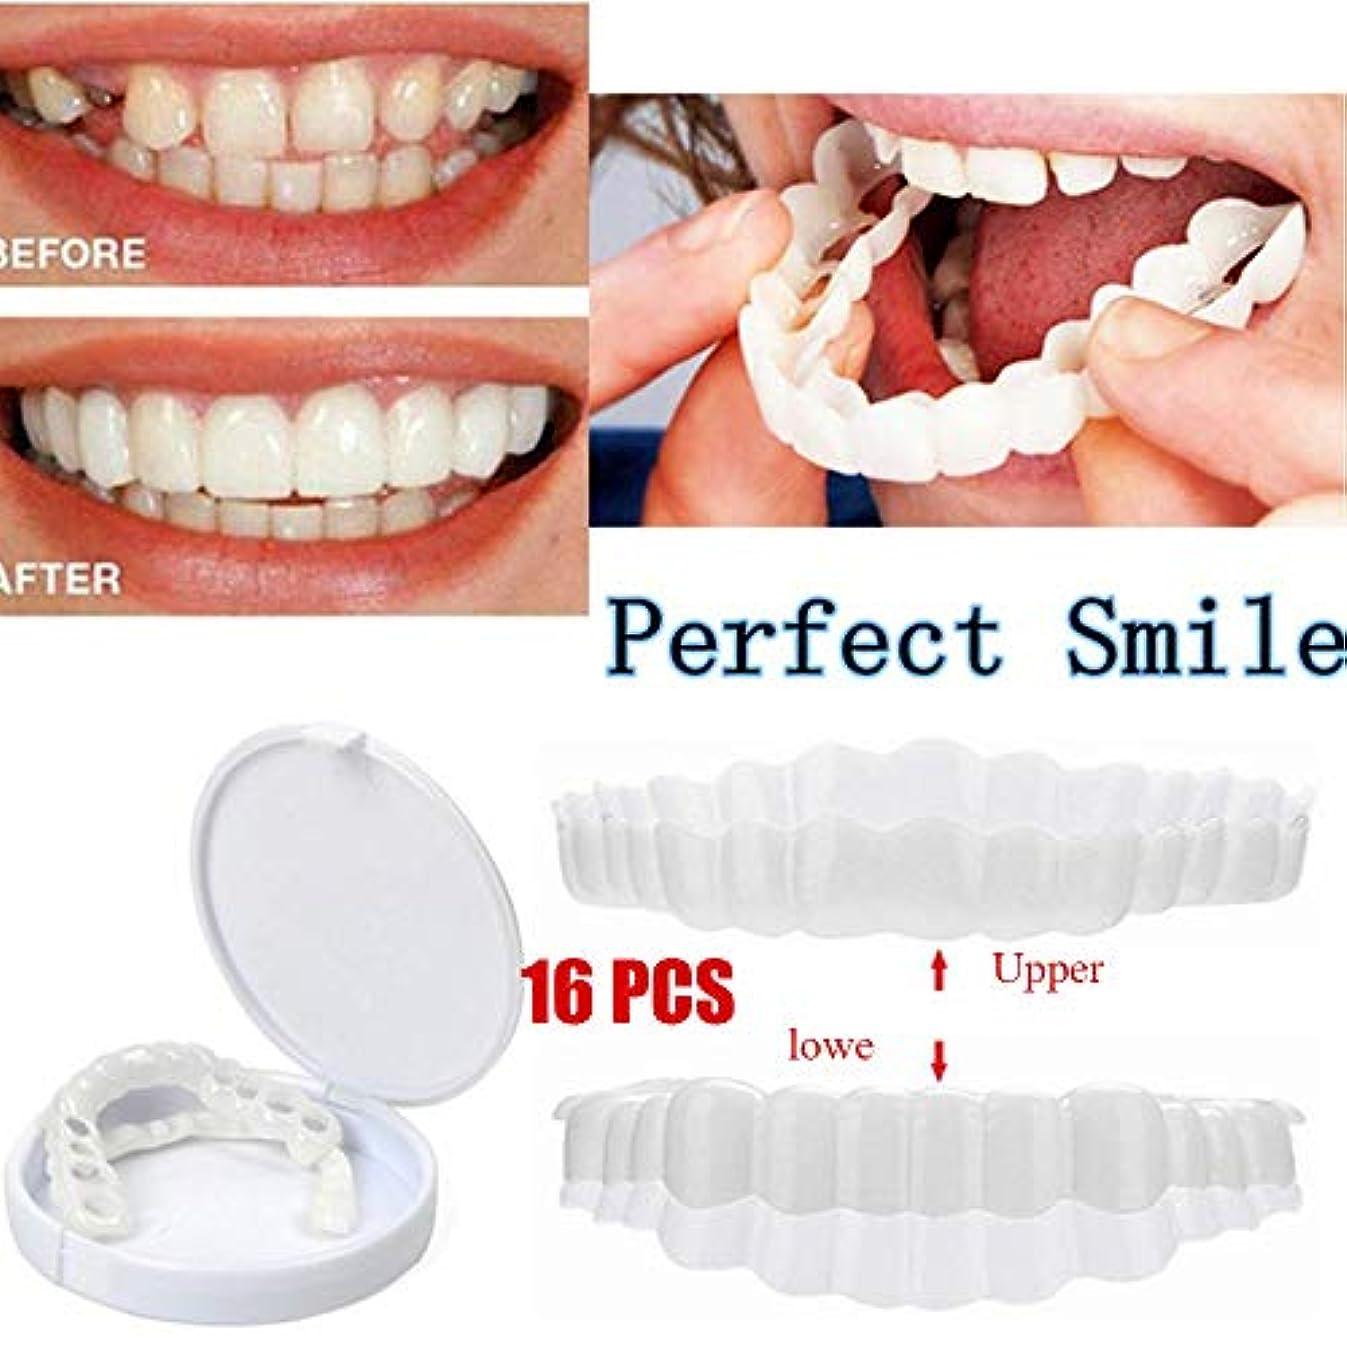 アサート気候彫刻家義歯のスマイルホワイトニングと弾性ケアに最適な、大人用の新しい上下の義歯16個の再使用可能なPCS(上部+下部)